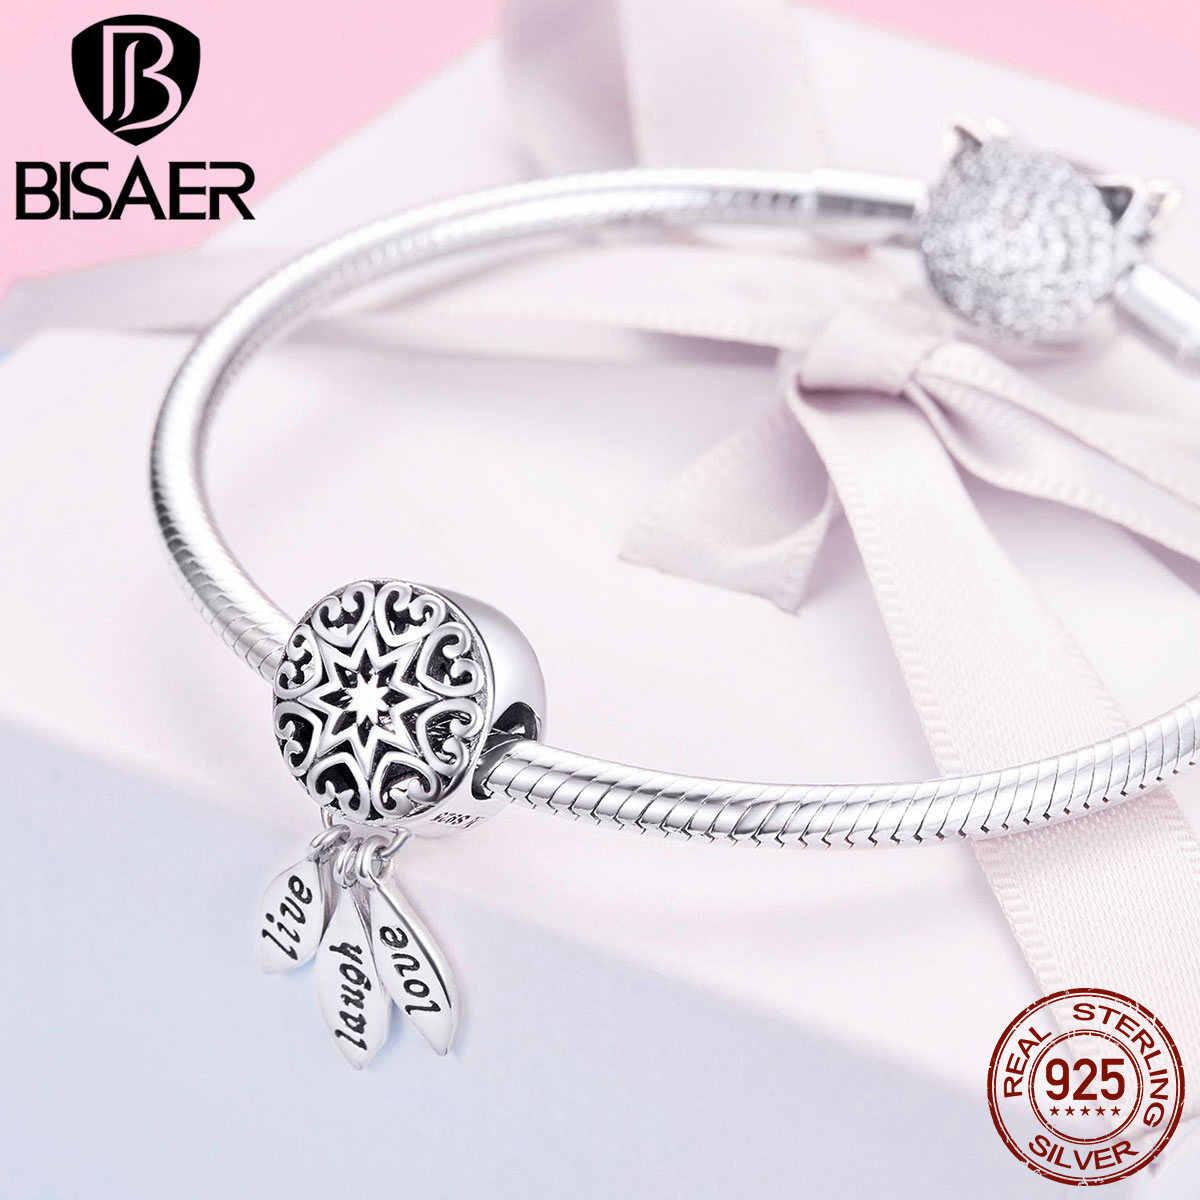 Bisaer 925 prata esterlina redonda contas de metal para charme pulseira ao vivo rir amor coragem moda jóias presentes para a menina gxc1128